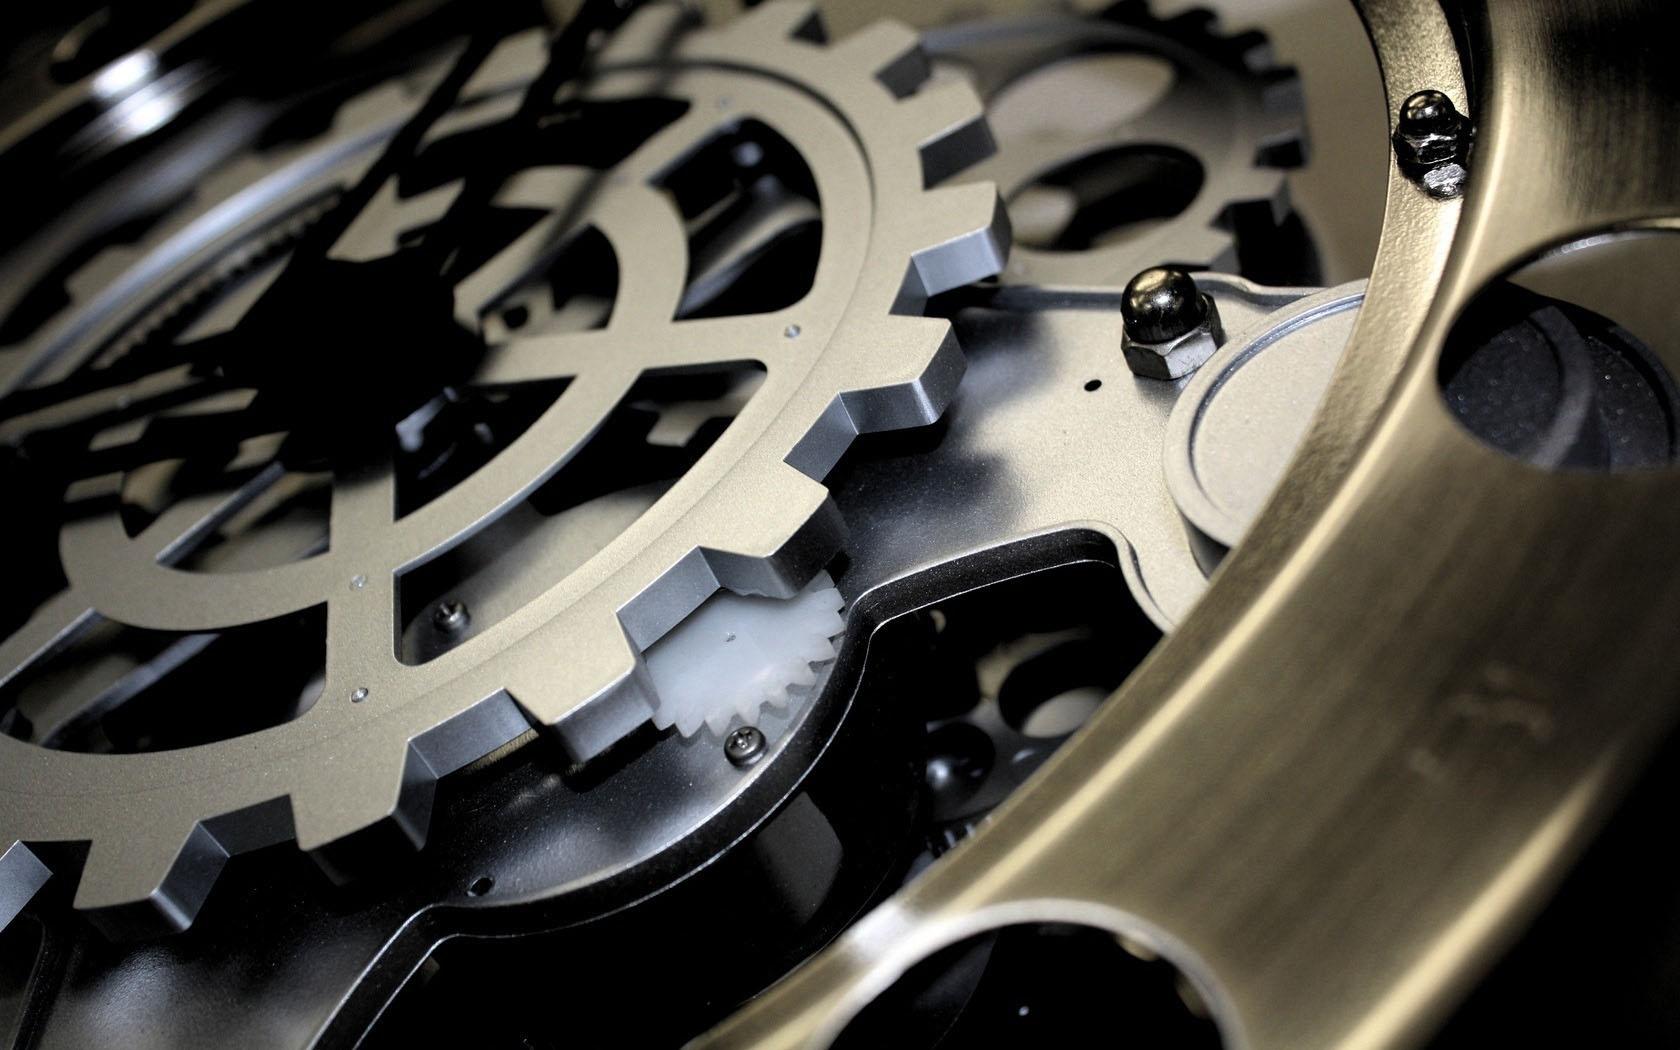 металлические шестеренки, механизм, скачать фото, обои для рабочего стола, metal wallpaper